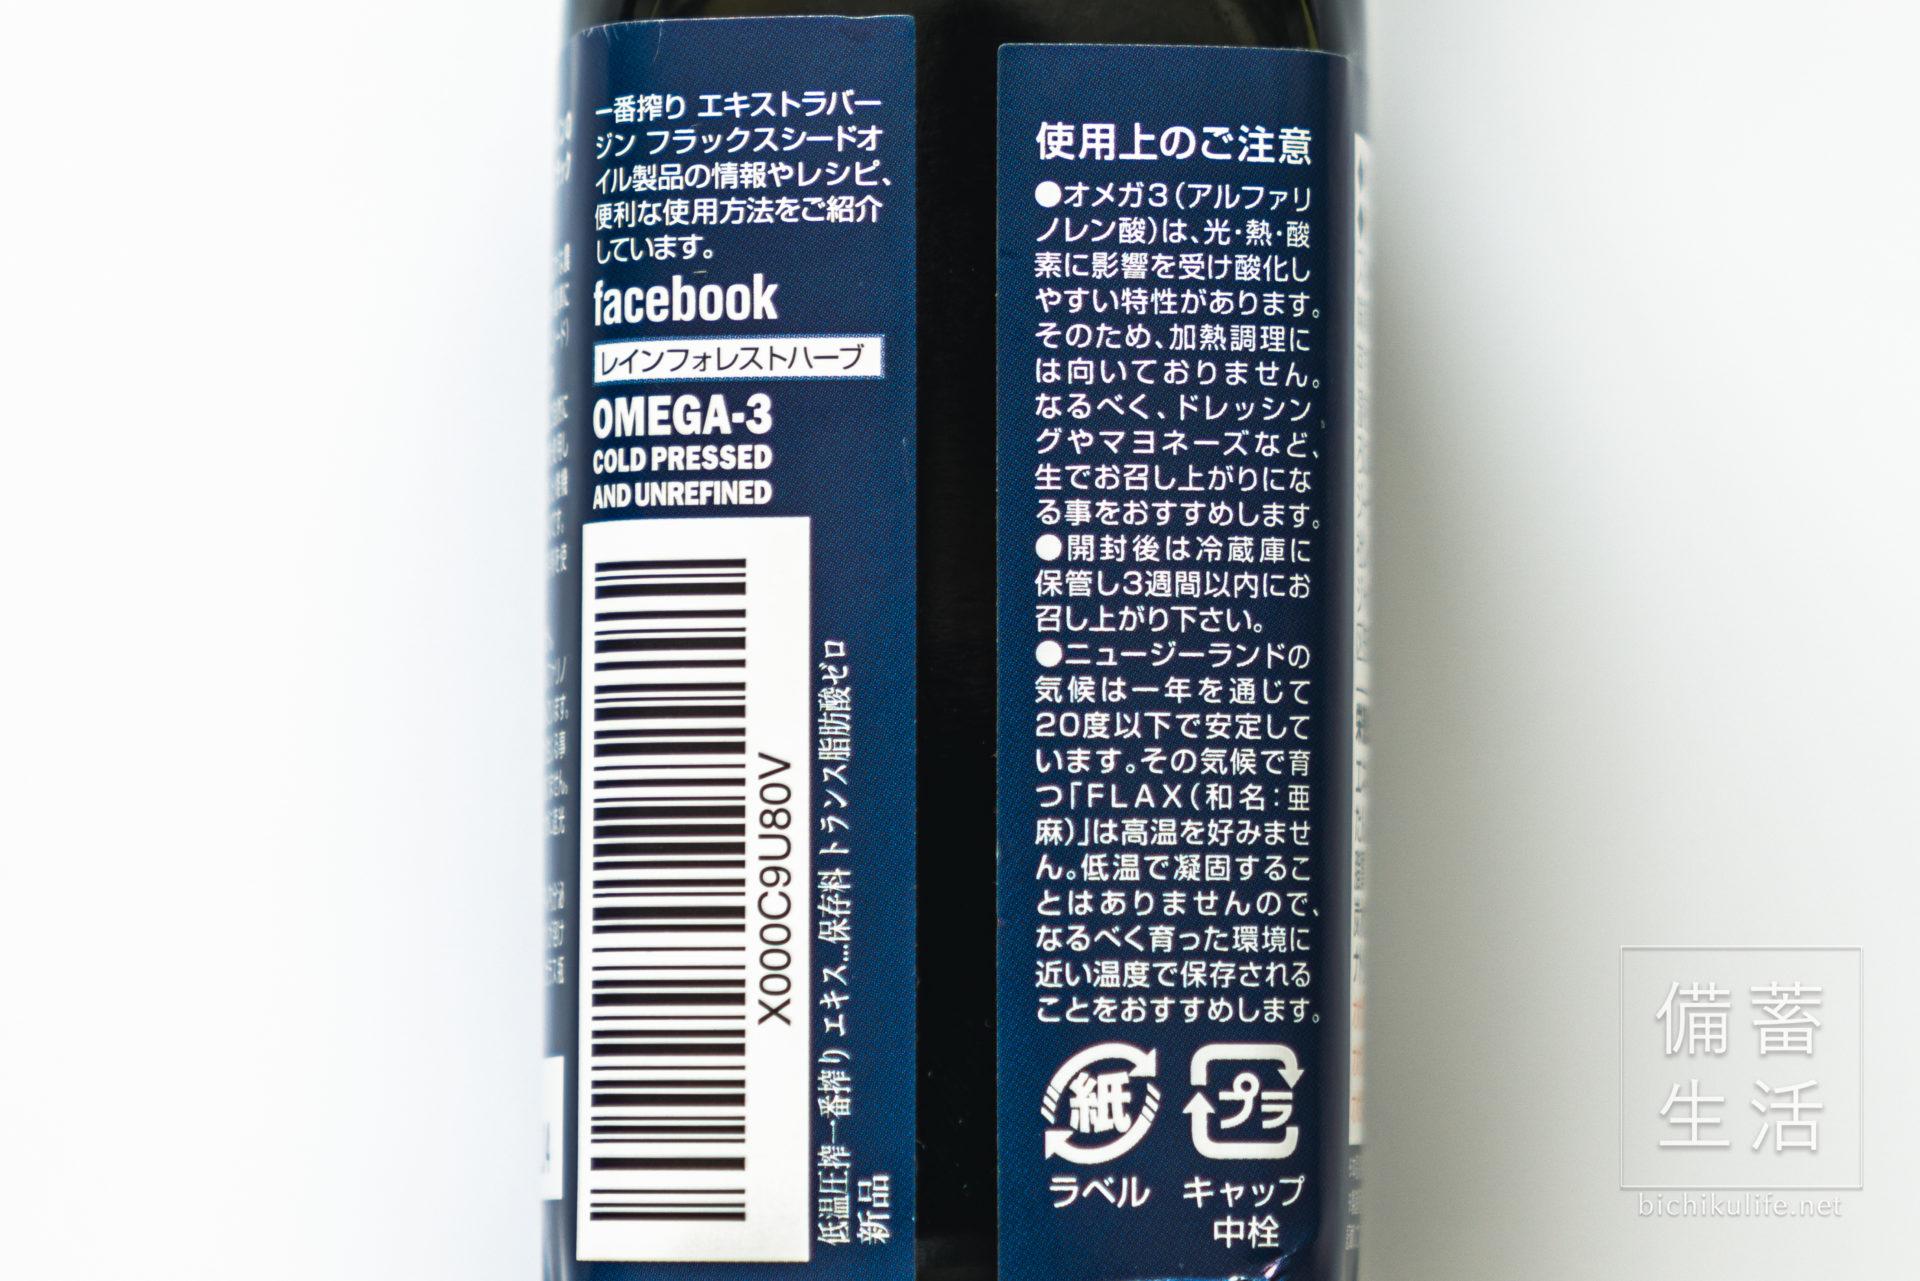 亜麻仁油 低温圧搾一番搾り エキストラ バージン フラックスシード オイル(Rainforest Herbs)の使用上の注意